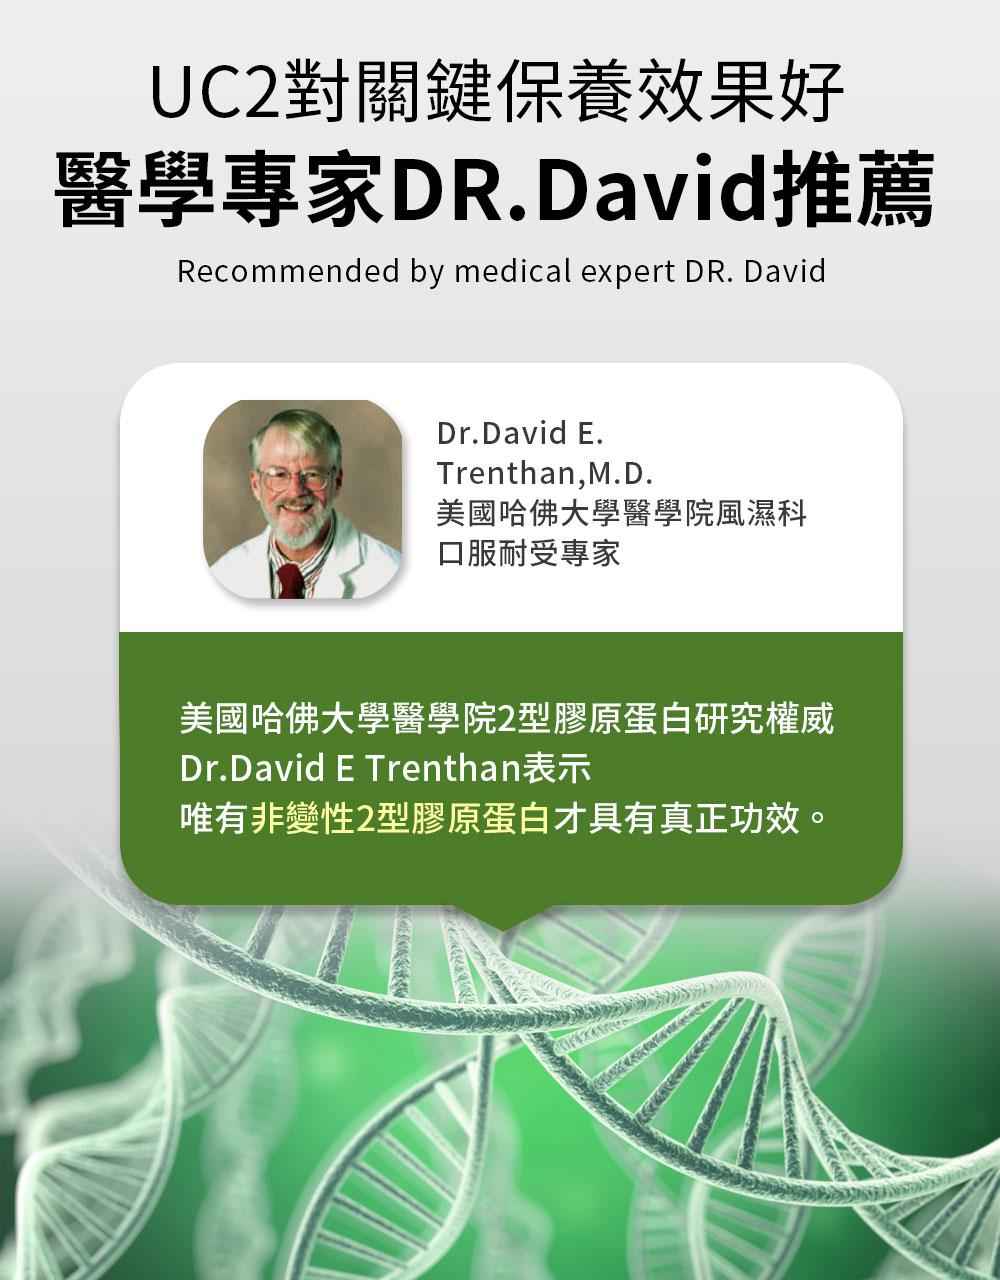 UC2活力步行非變性2型膠原蛋白-UC2對關鍵保養效果好美國哈佛醫學專家推薦